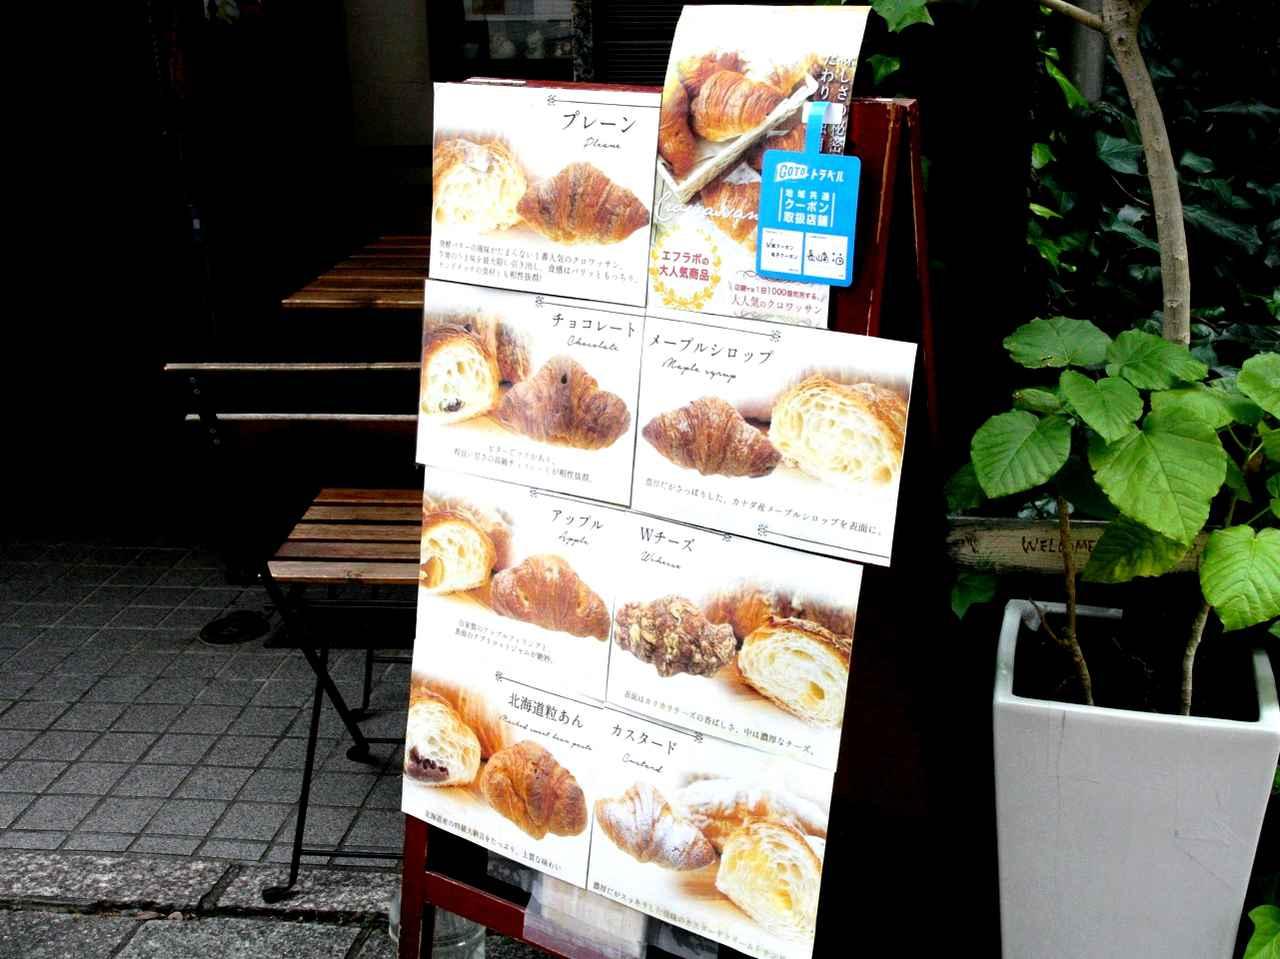 画像: チョコレートやメープルシロップなど種類豊富なクロワッサン